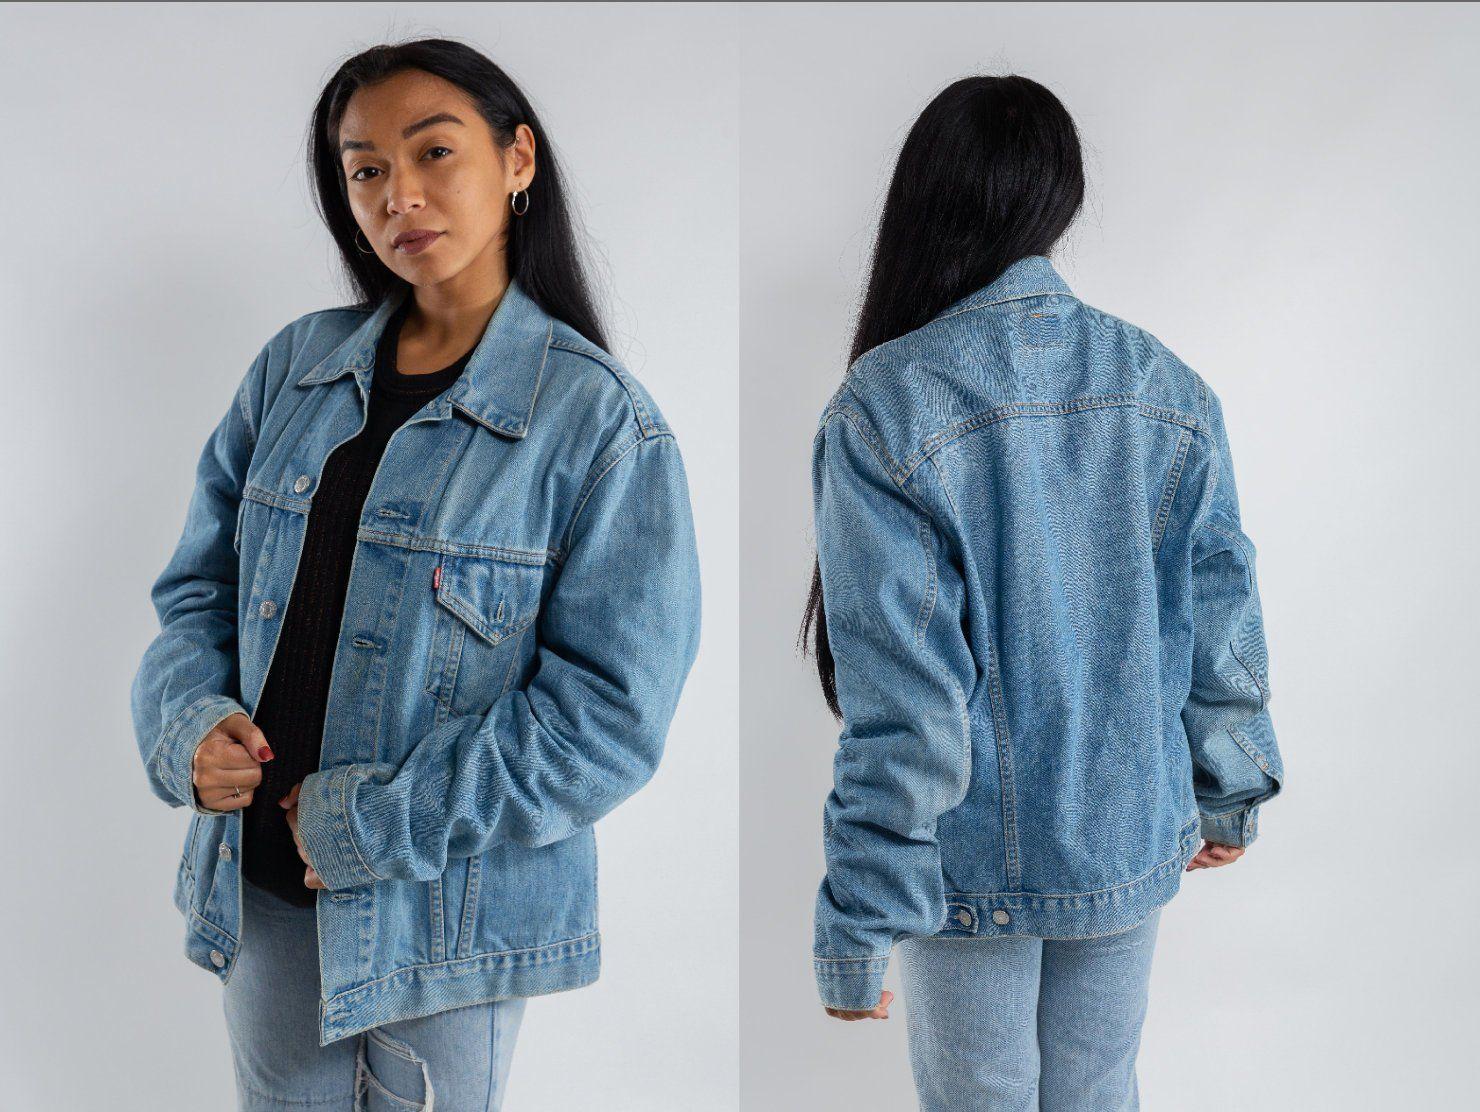 Vintage Levi S Trucker Jacket Oversized Trucker Denim Jacket Women S Faded Destroyed Jean Jacket Men S Levi S Denim Jacket Size Xl Denim Jacket Women Denim Jacket Jean Jacket Men [ 1112 x 1480 Pixel ]